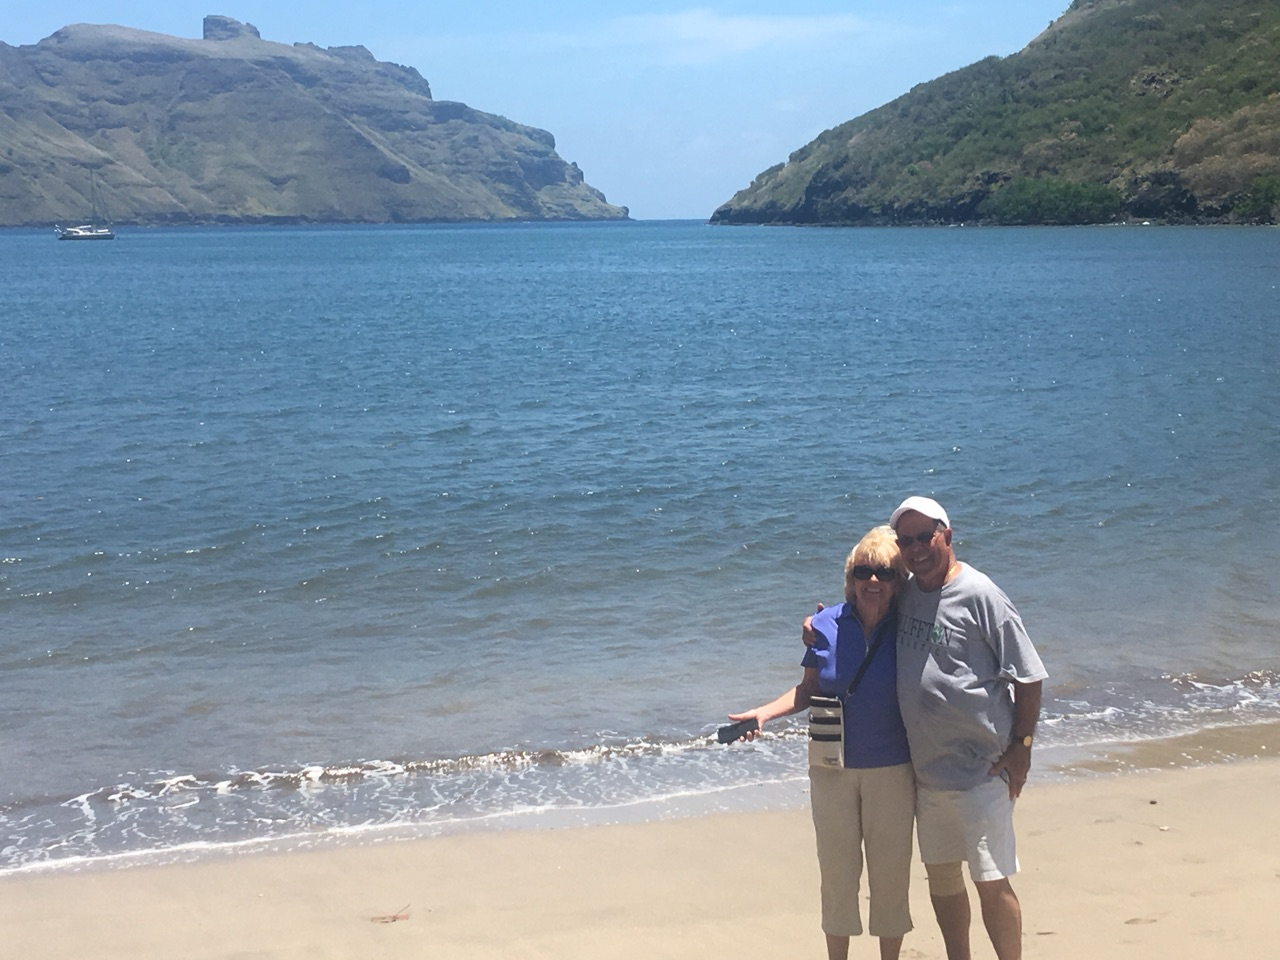 Beach at Nuku Hiva